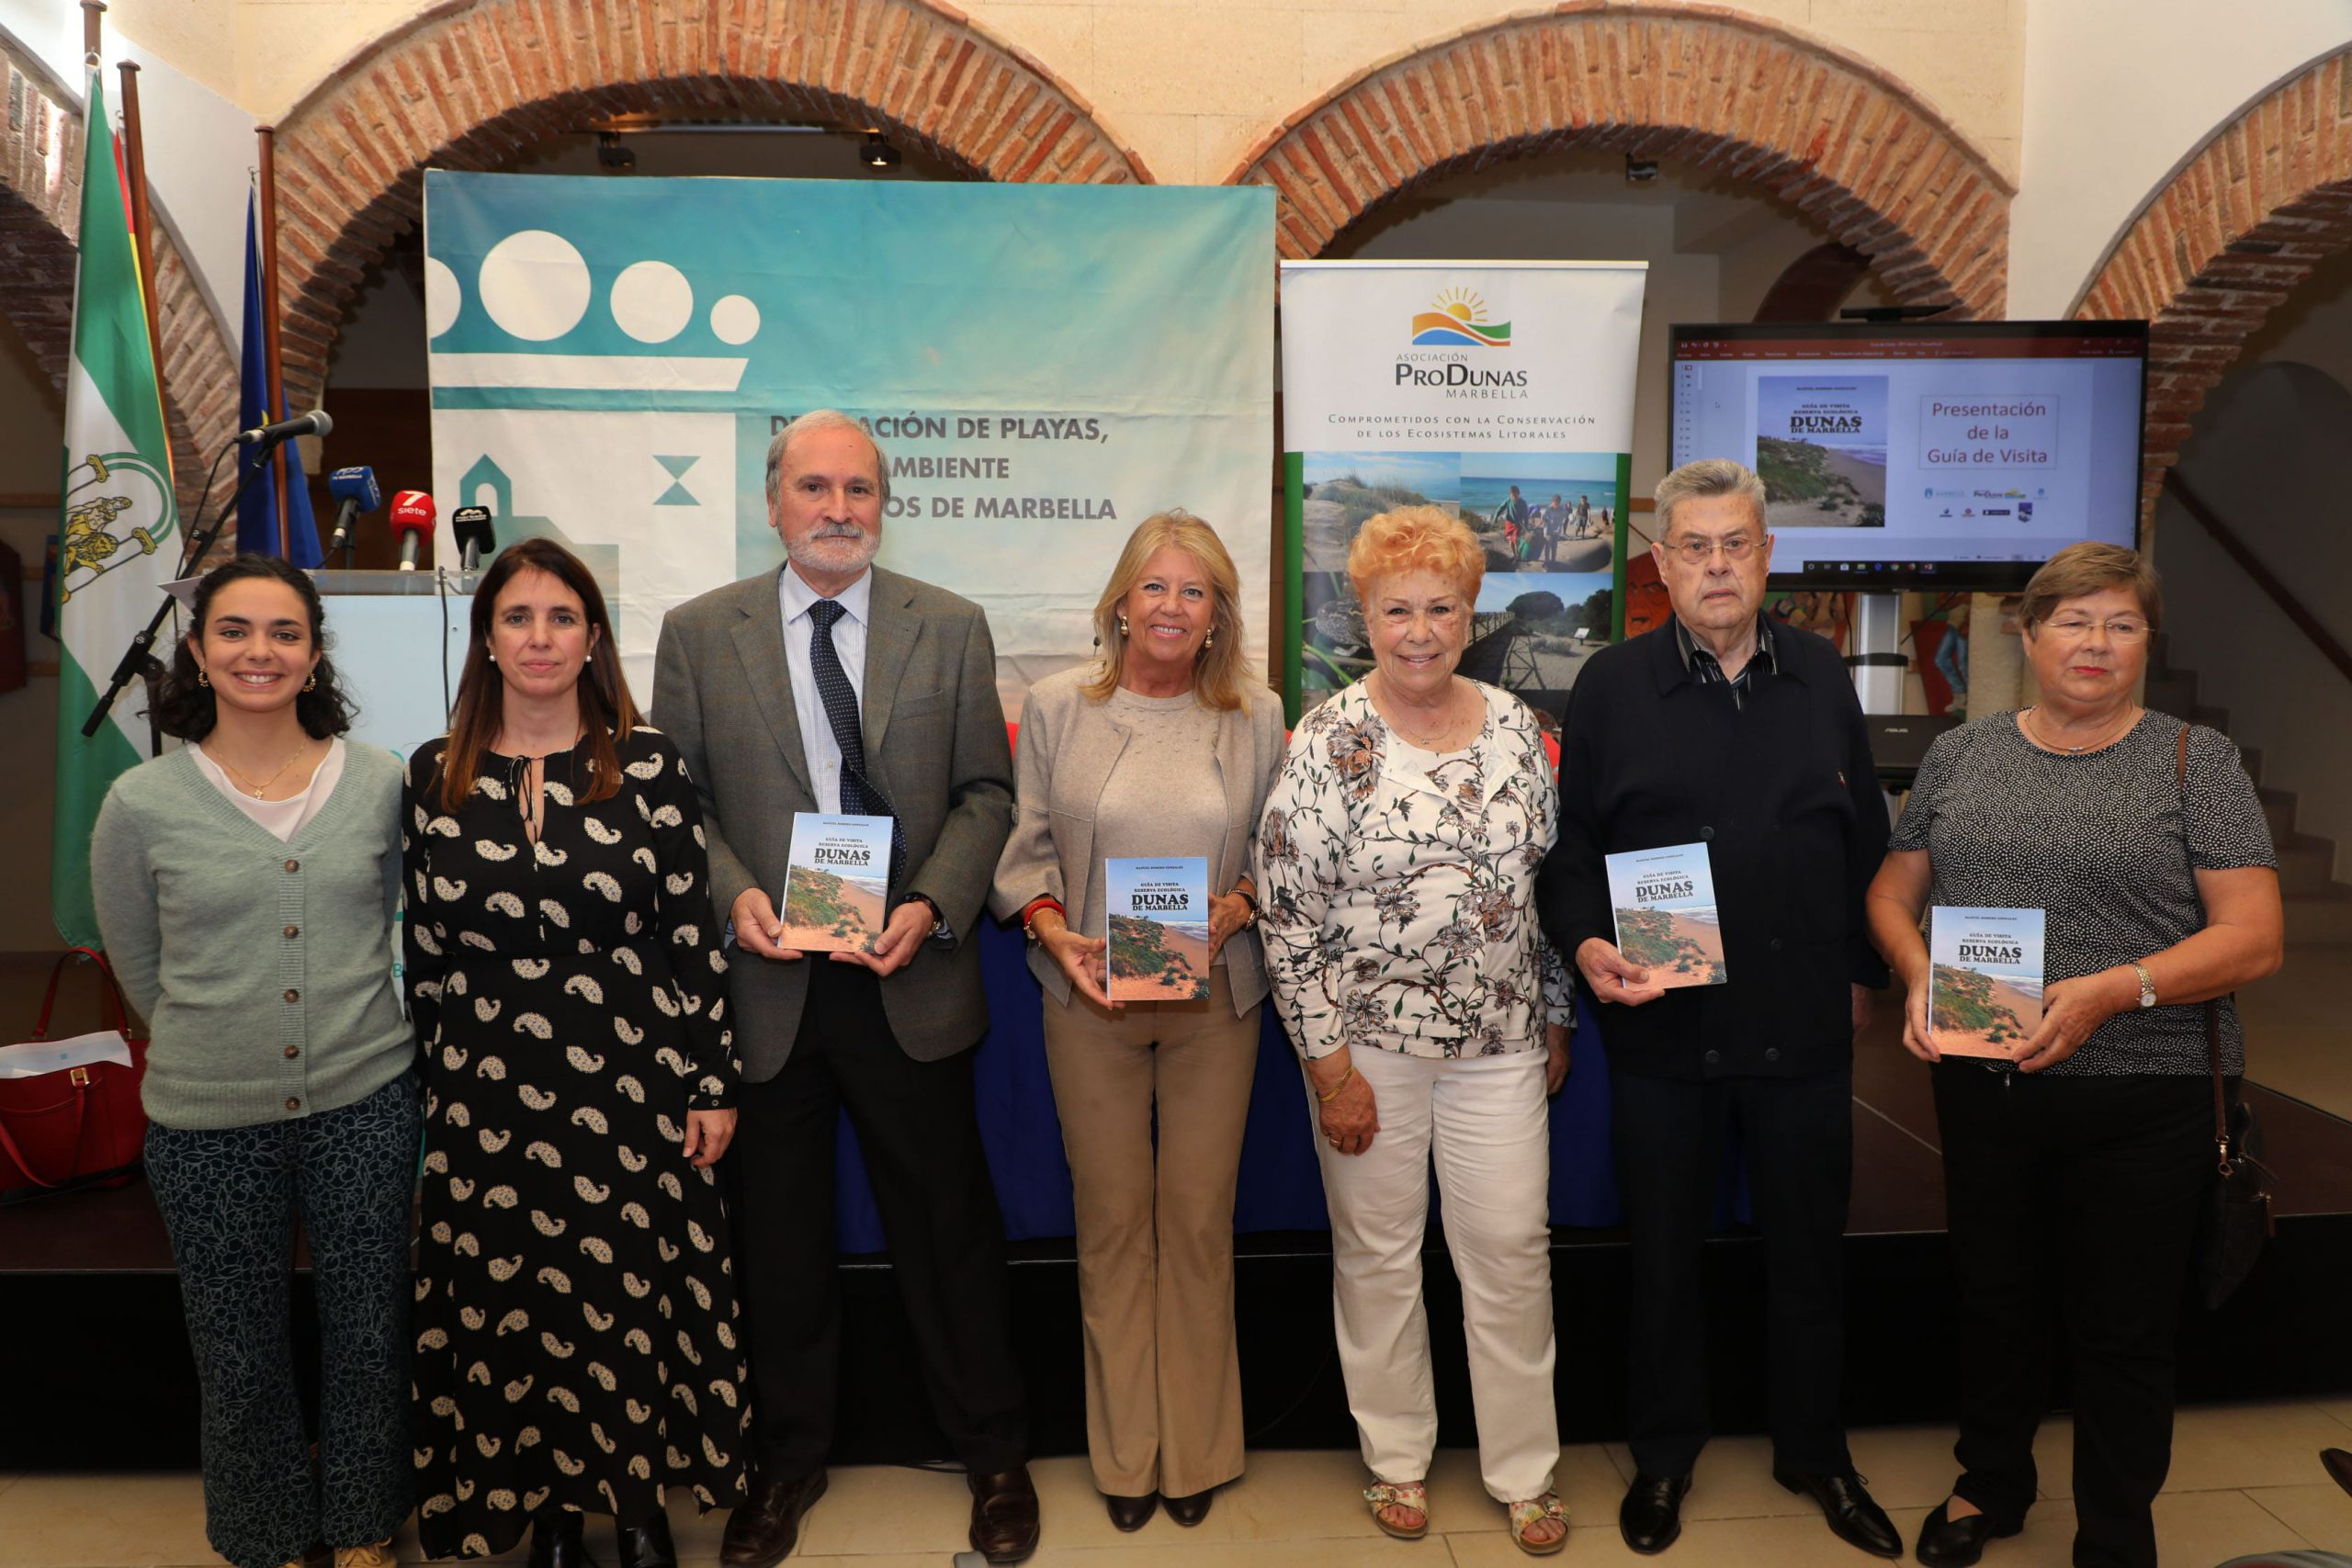 Presentan en el Hospital Real de la Misericordia la guía editada por Produnas